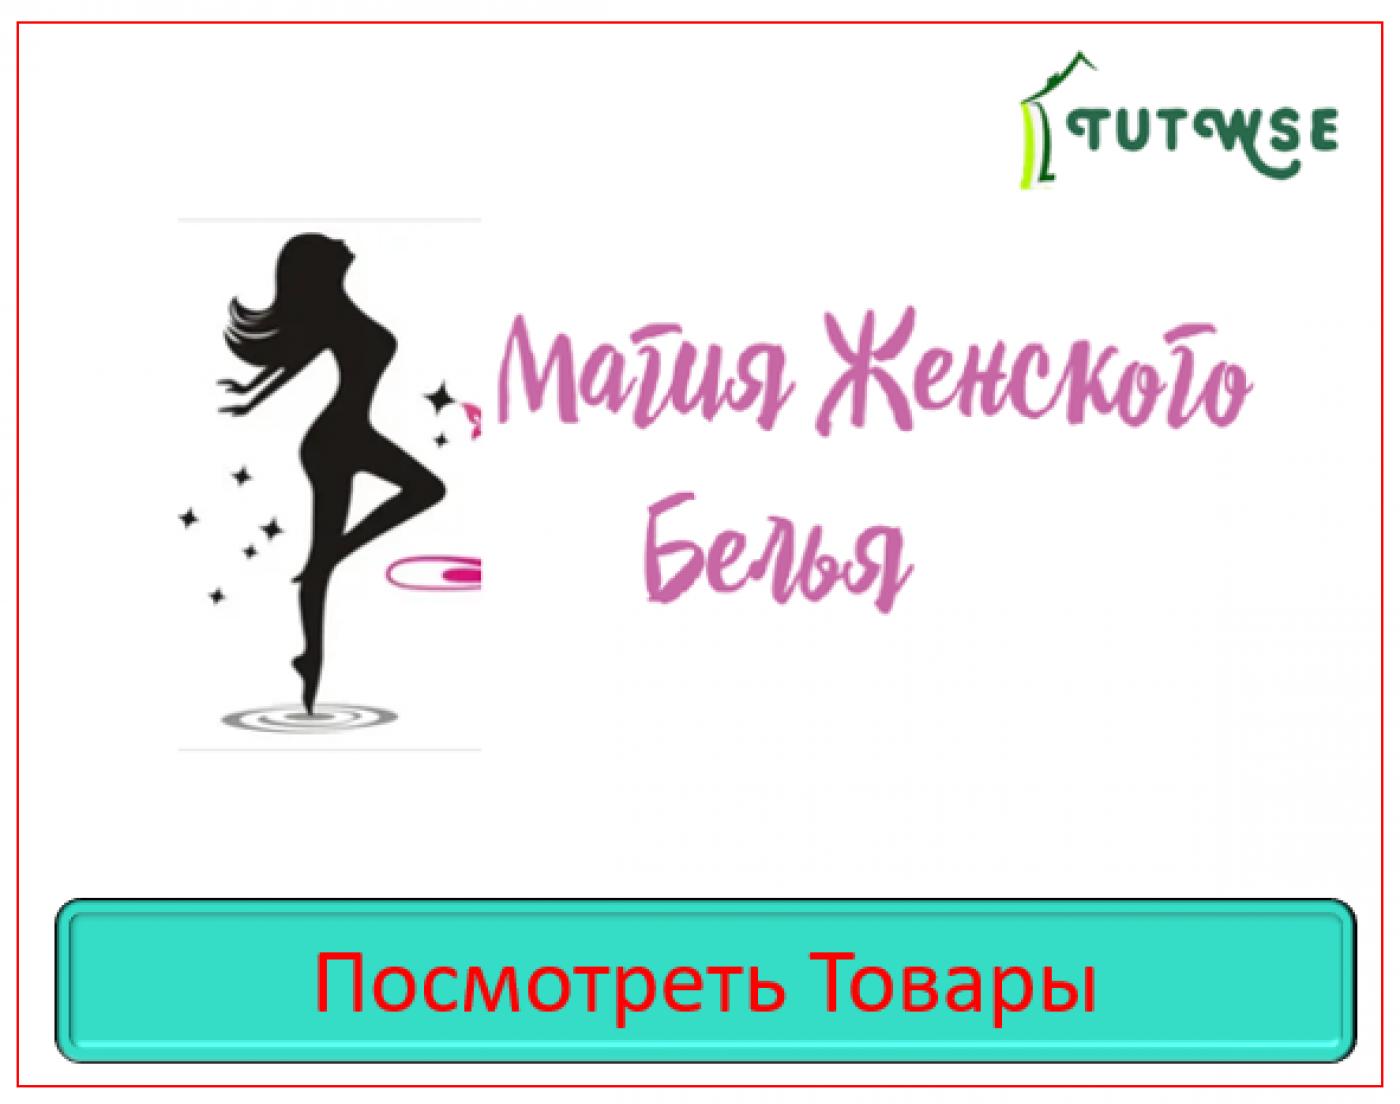 ЖЕНСКОЕ БЕЛЬЕ Заказать троицк Москва Санкт Петербург